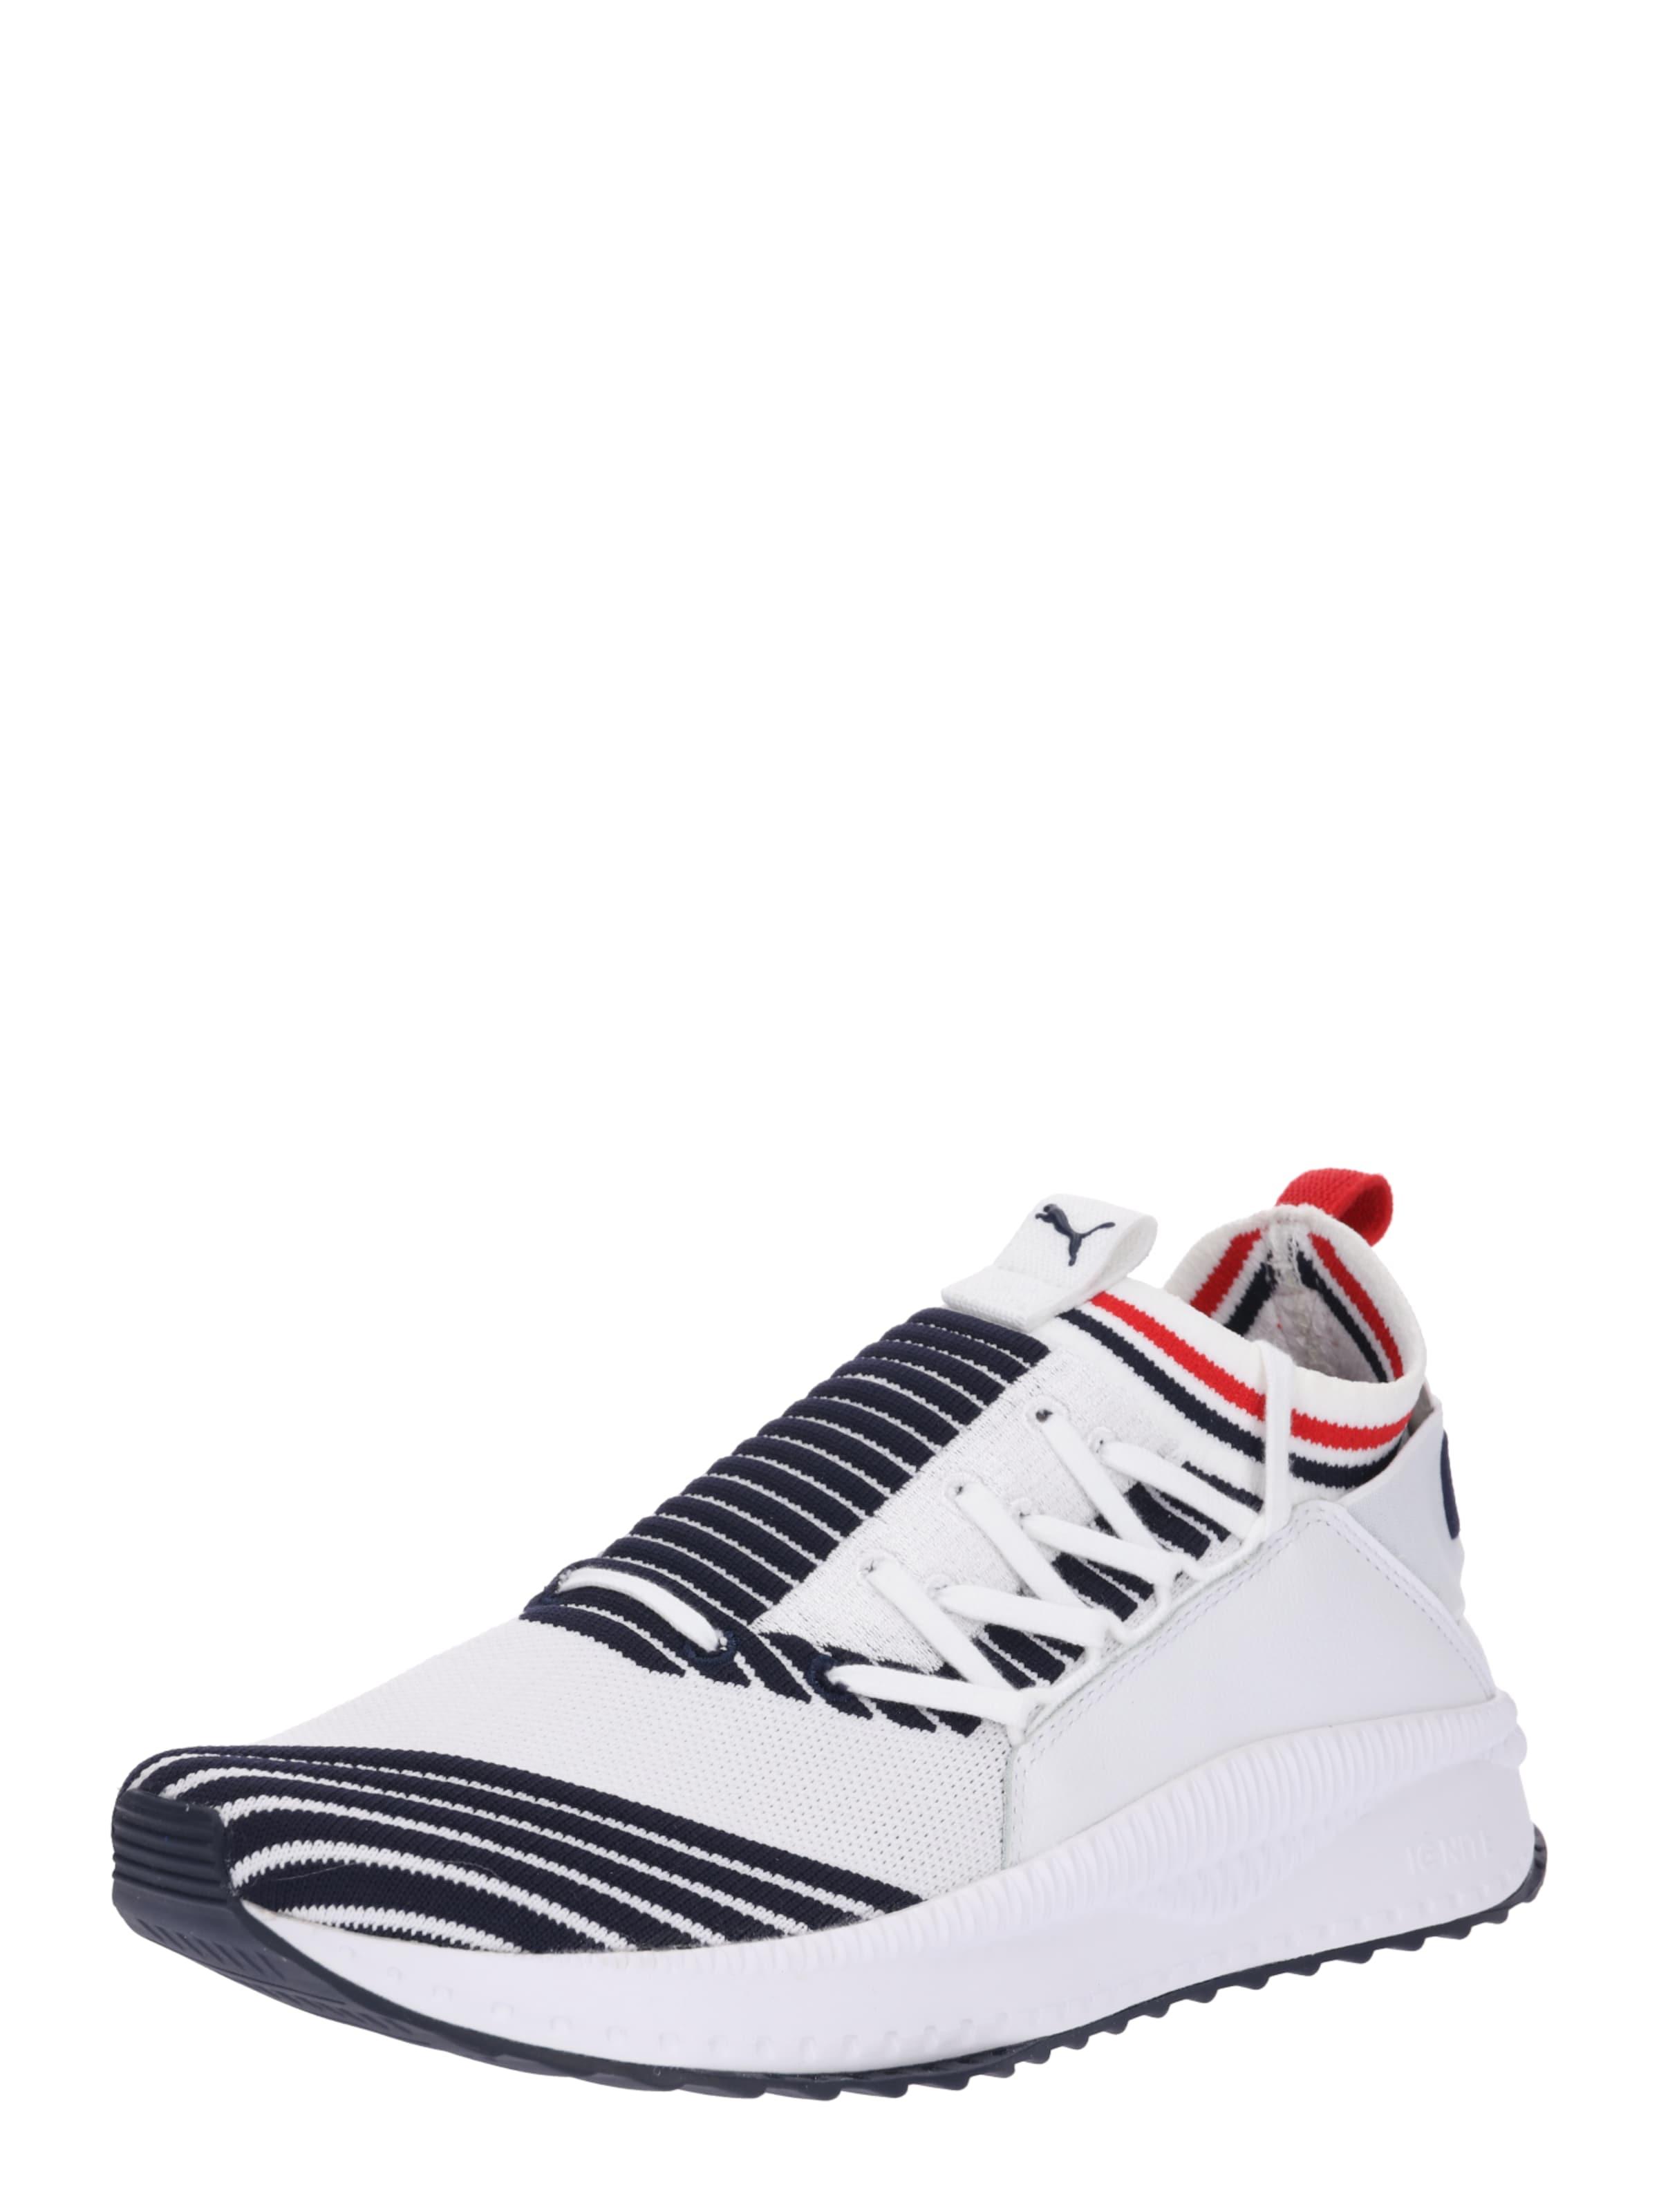 PUMA Sneaker  TSUGI  mit Streifen